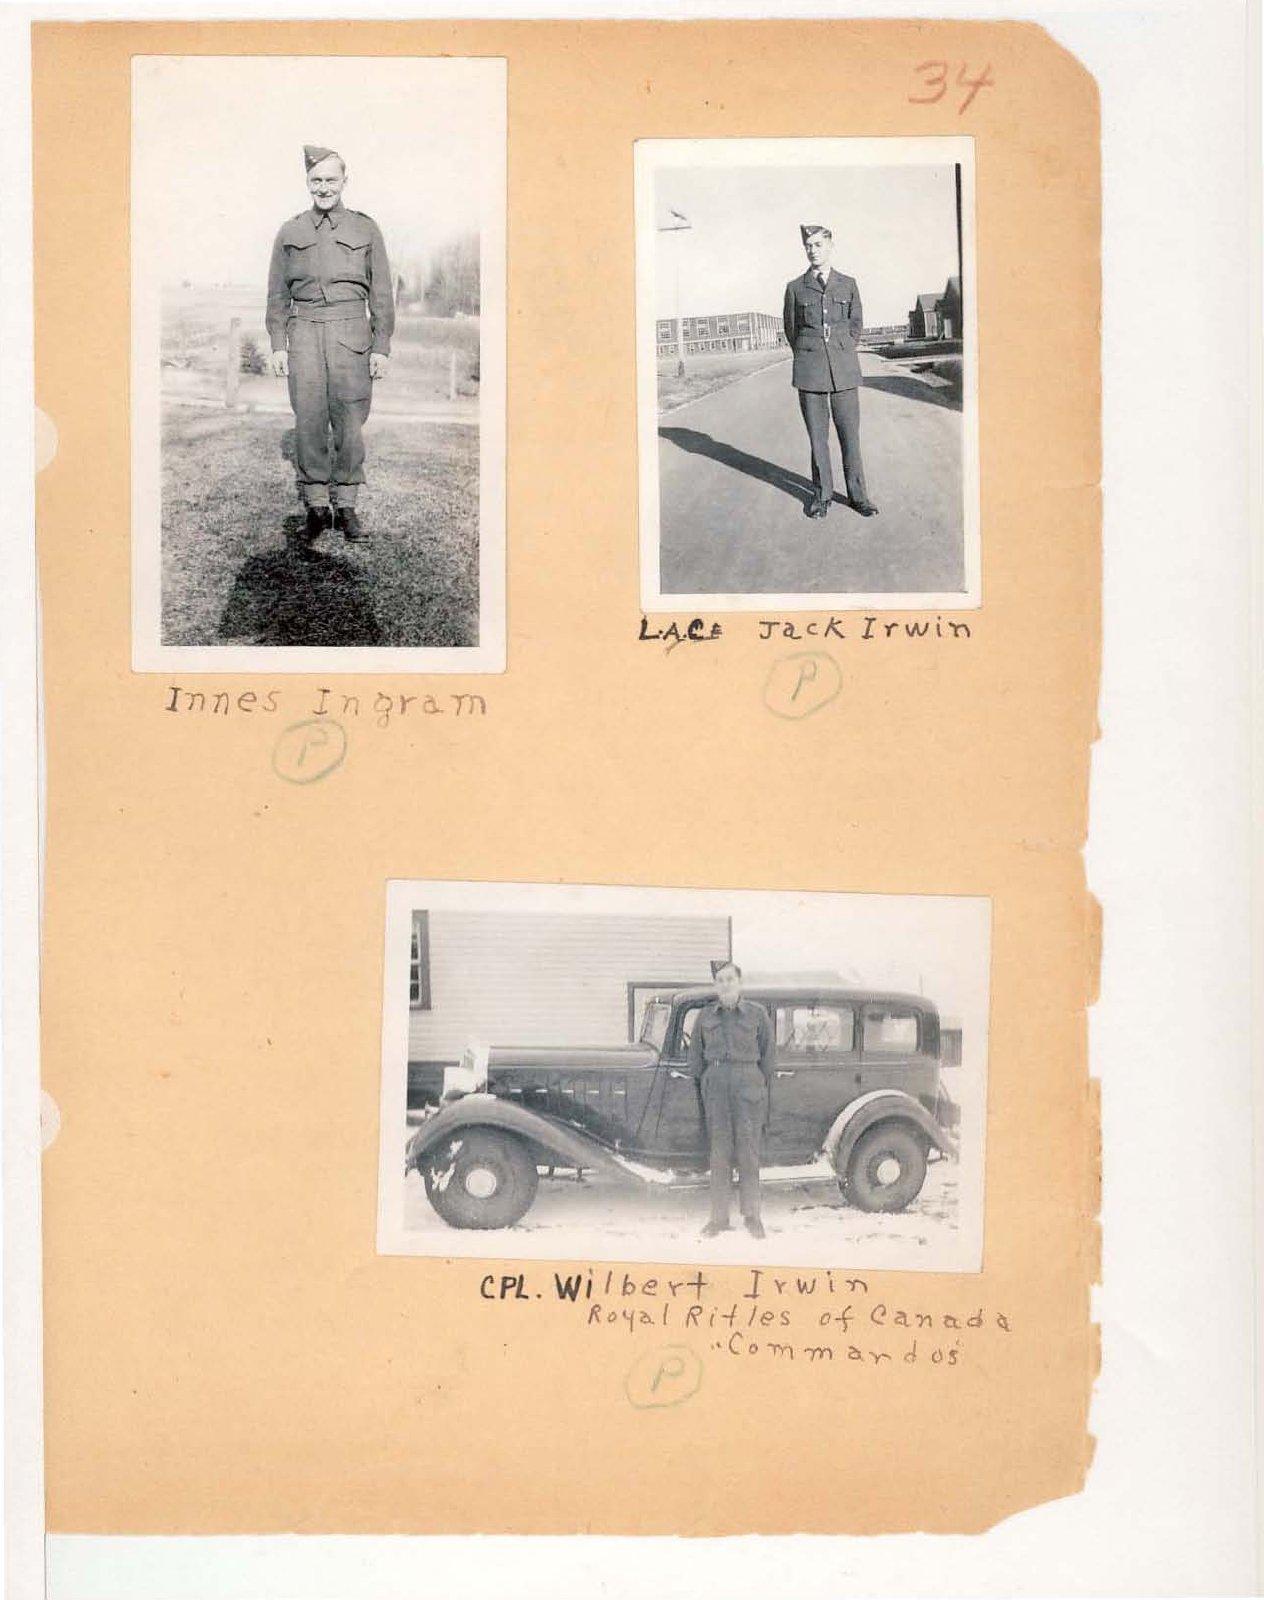 Page 29: Ingram, Irwin